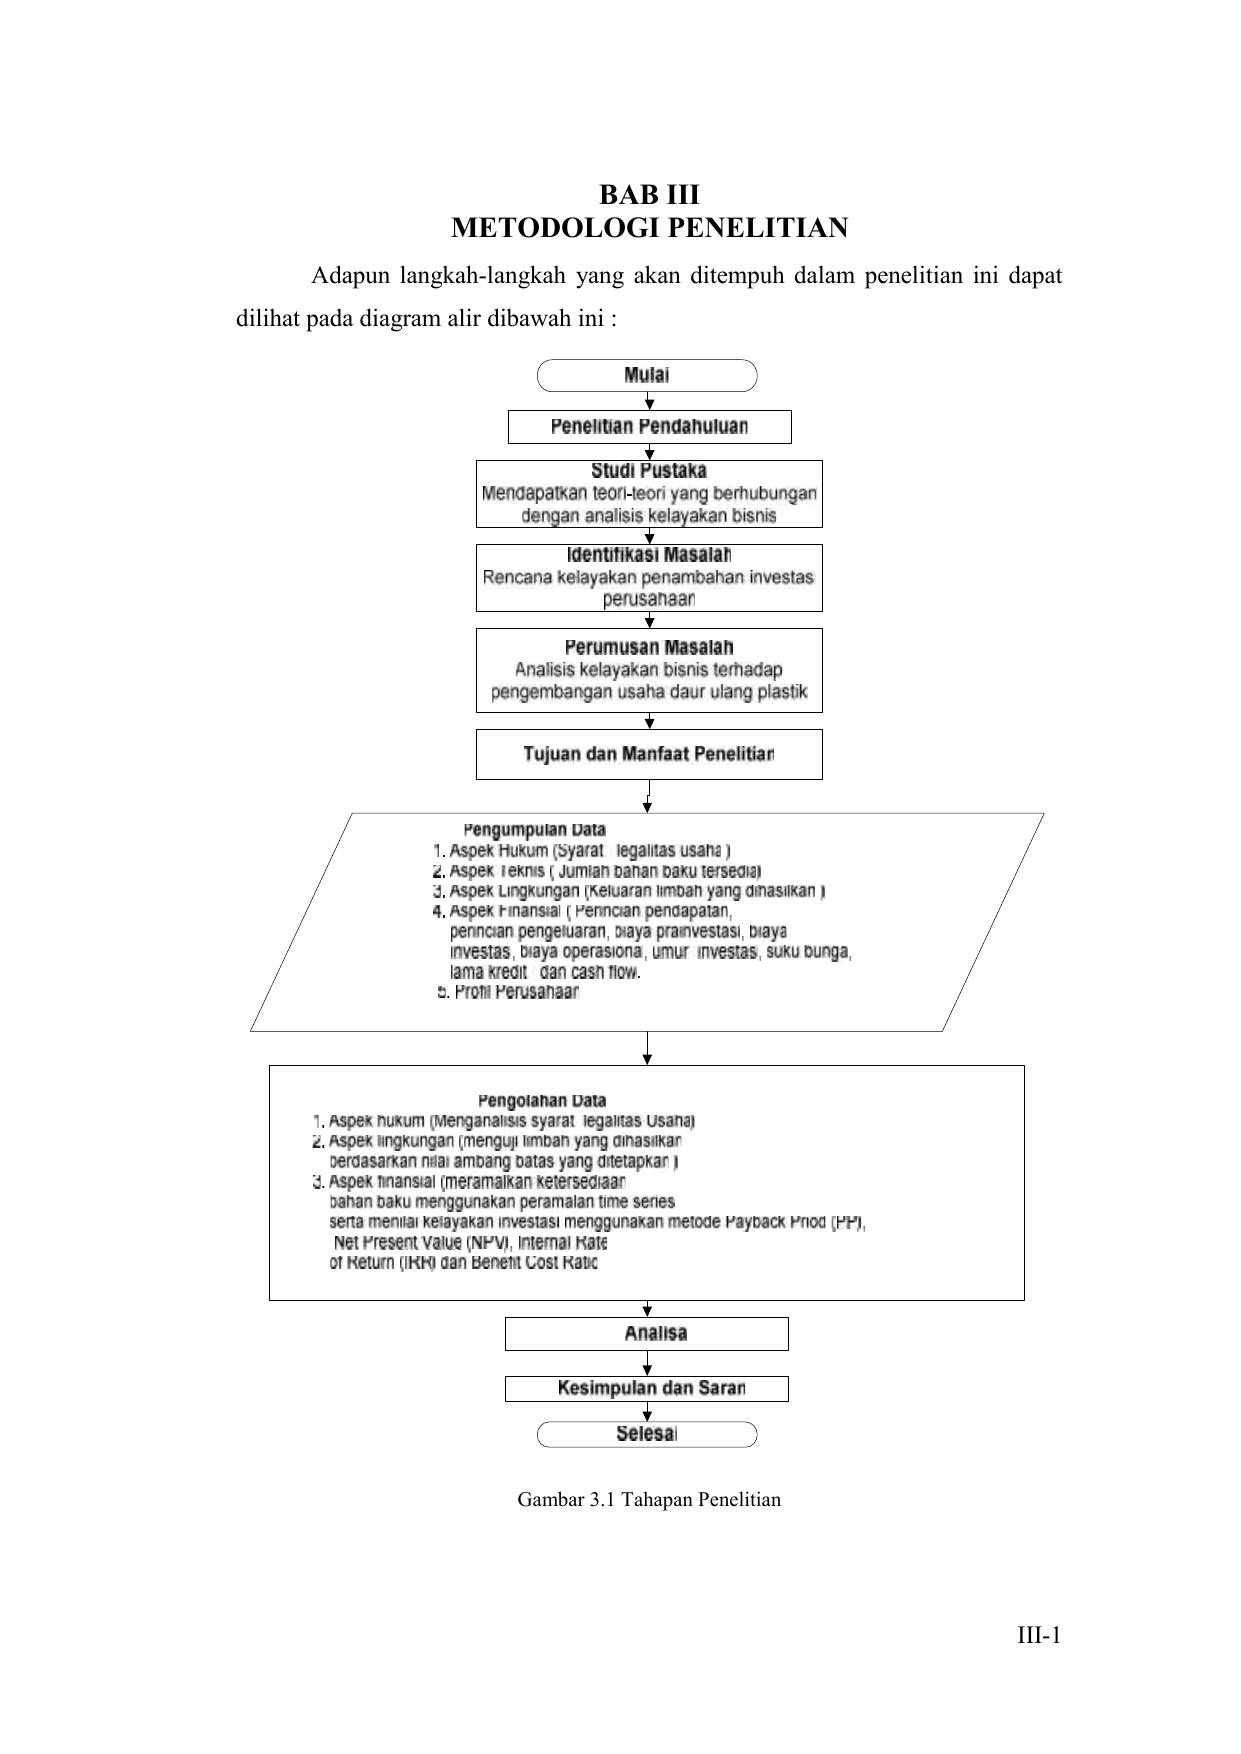 Bab iii metodologi penelitian ccuart Image collections